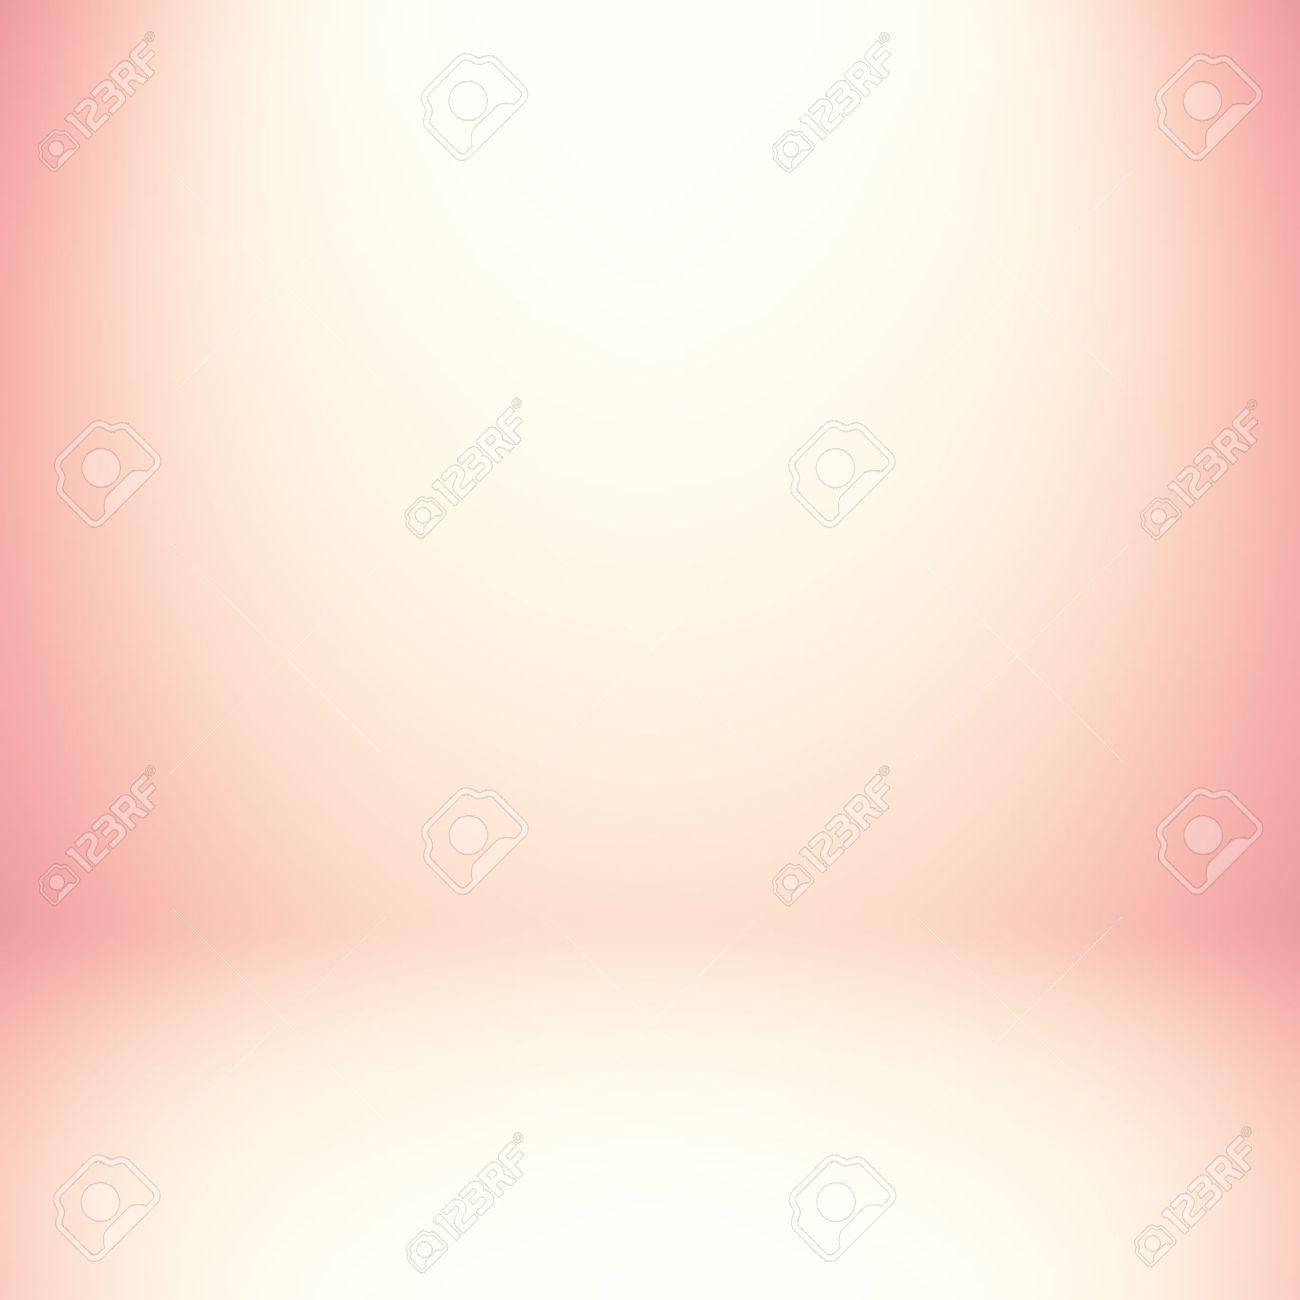 Immagini Stock Sfondo Astratto Rosa Chiaro Con Effetto Sfumato